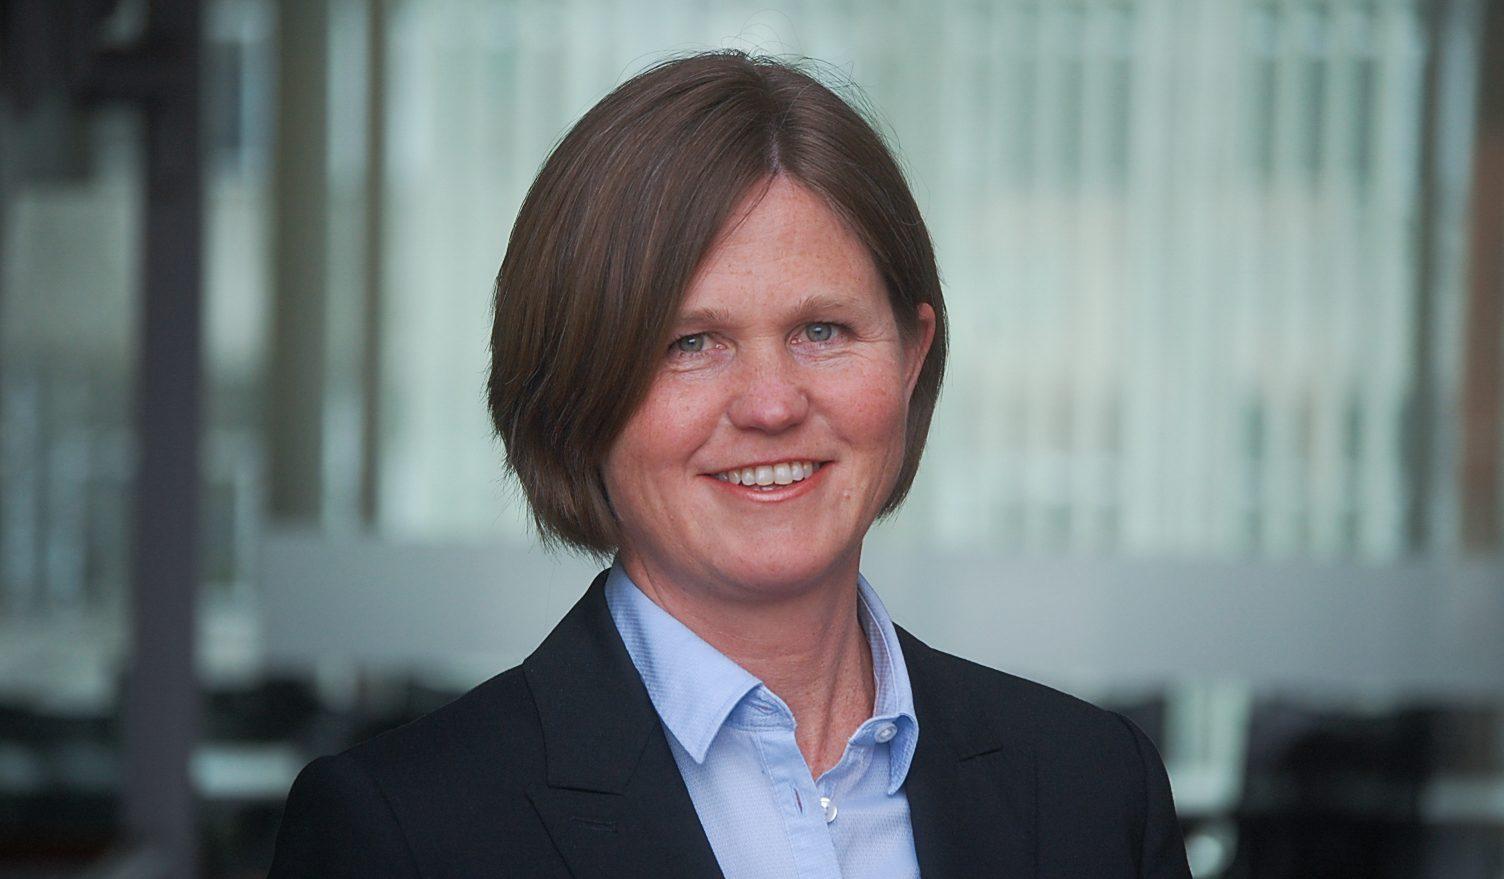 Profilbilde av Xledgers konsulent Frøydis Thorsrud